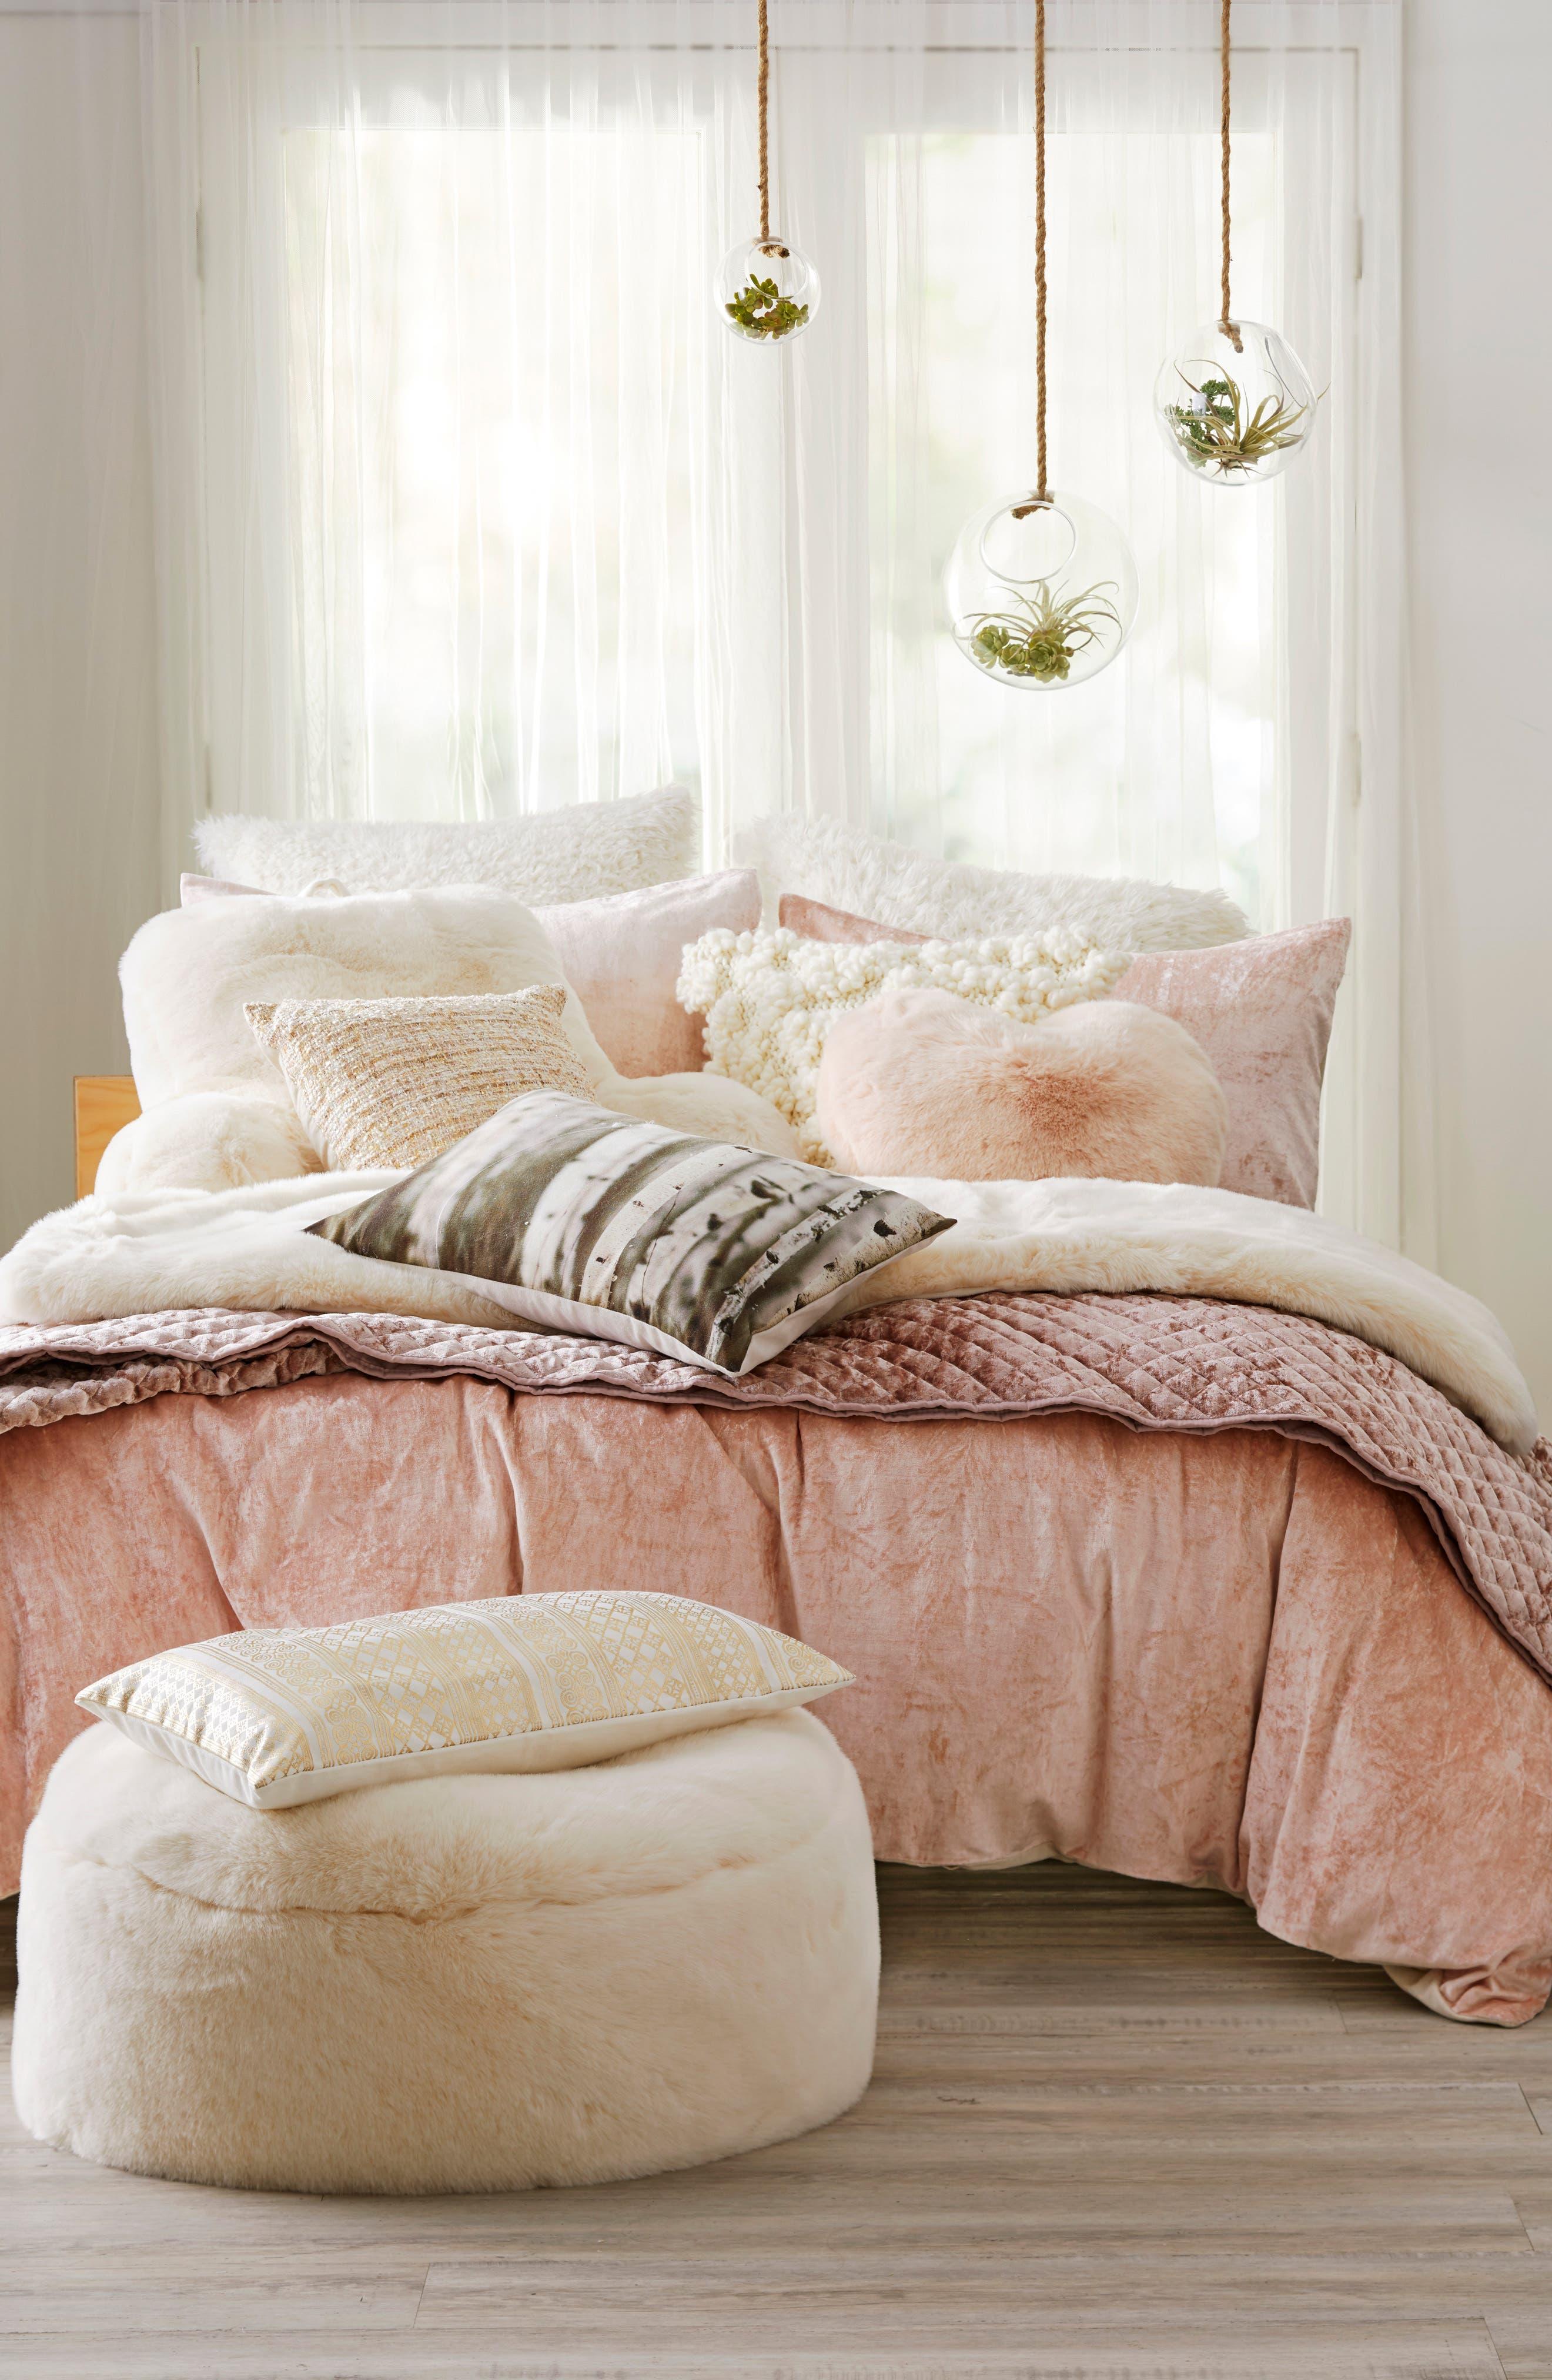 Nordstrom at Home Shimmer Velvet Duvet & Levtex Crushed Velvet Quilt Bedding Collection